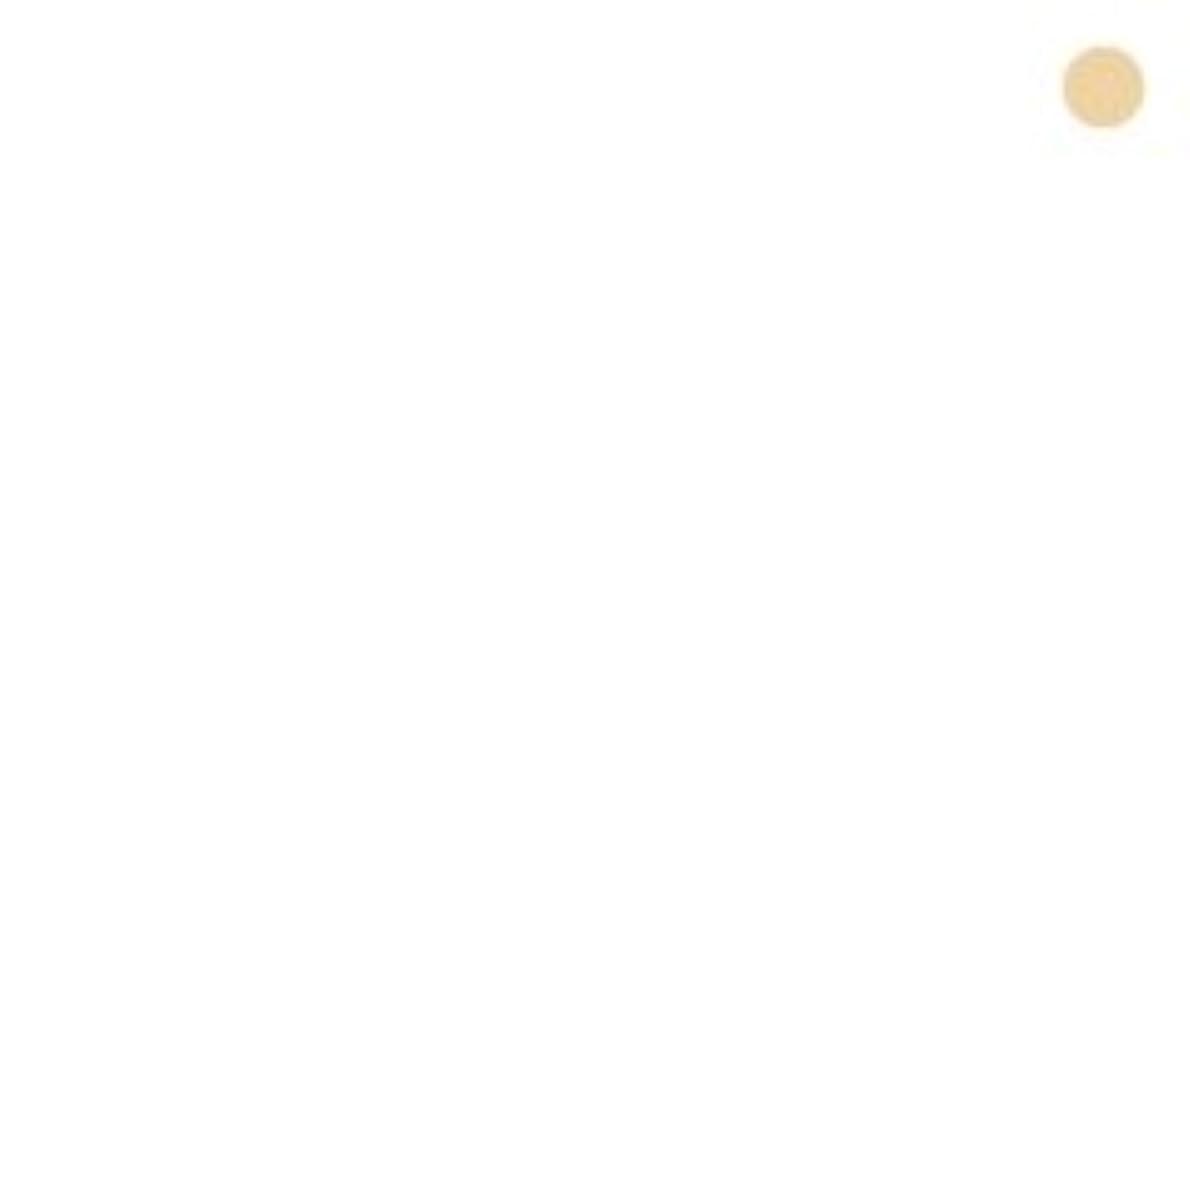 棚振る舞うソケット【カバーマーク】ジャスミーカラー パウダリーファンデーション #YP10 (レフィル)